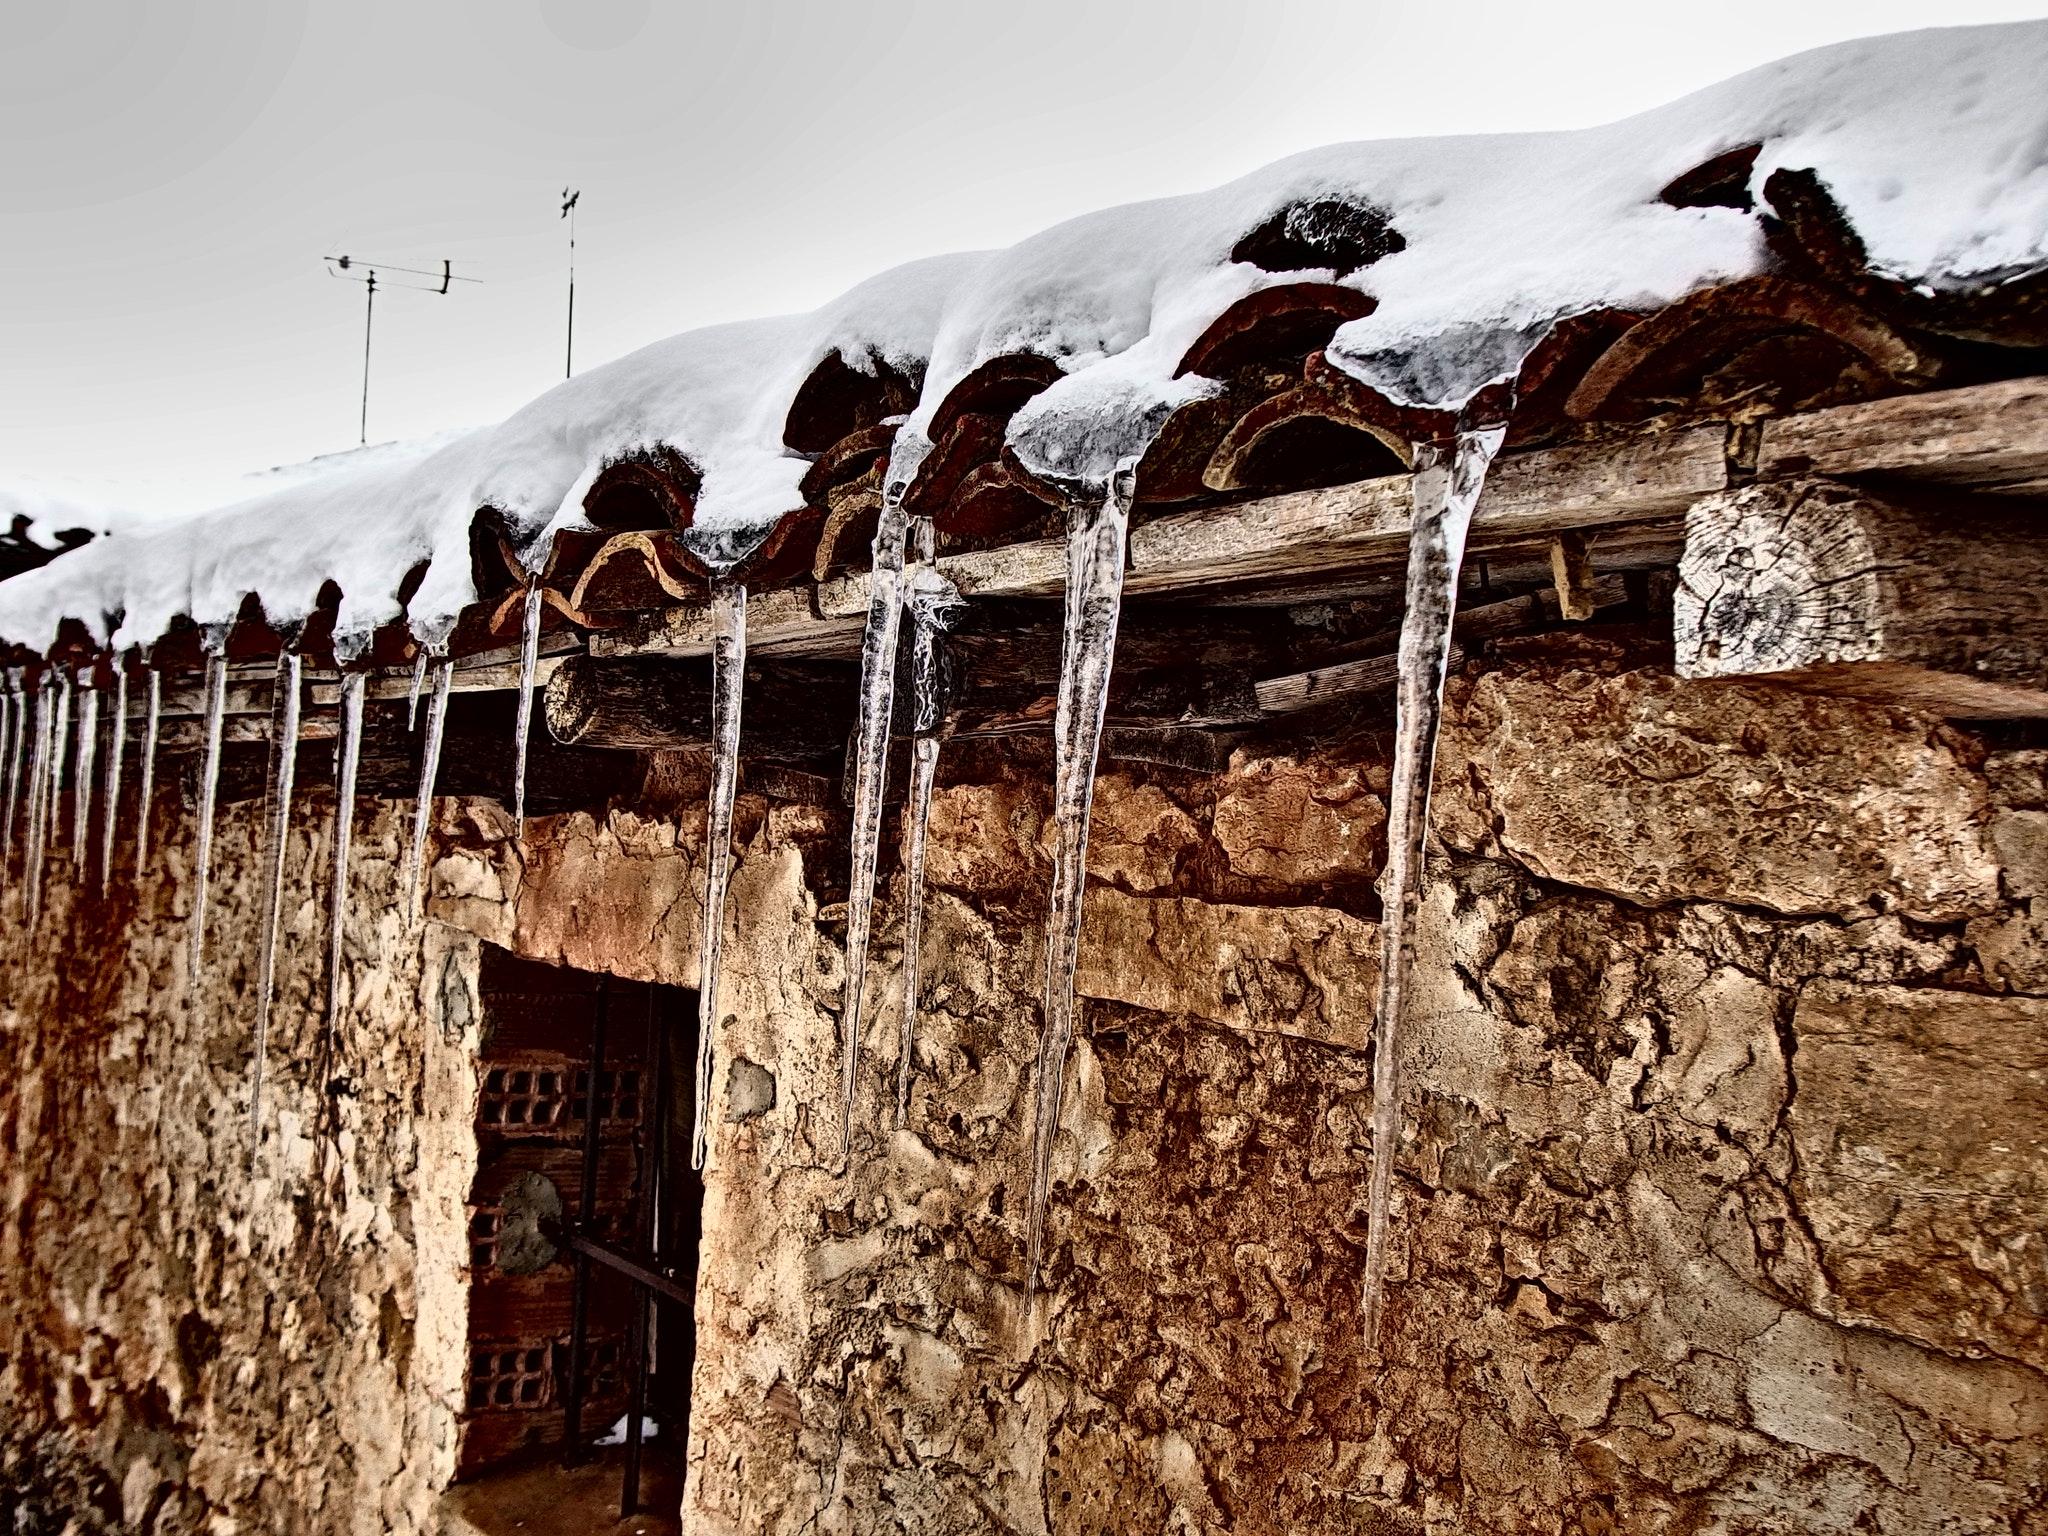 Ferienhaus Haus mit 5 Zimmern in Fuenteodra mit toller Aussicht auf die Berge, eingezäuntem Garten un (2211142), Fuenteodra, Burgos, Kastilien-León, Spanien, Bild 68